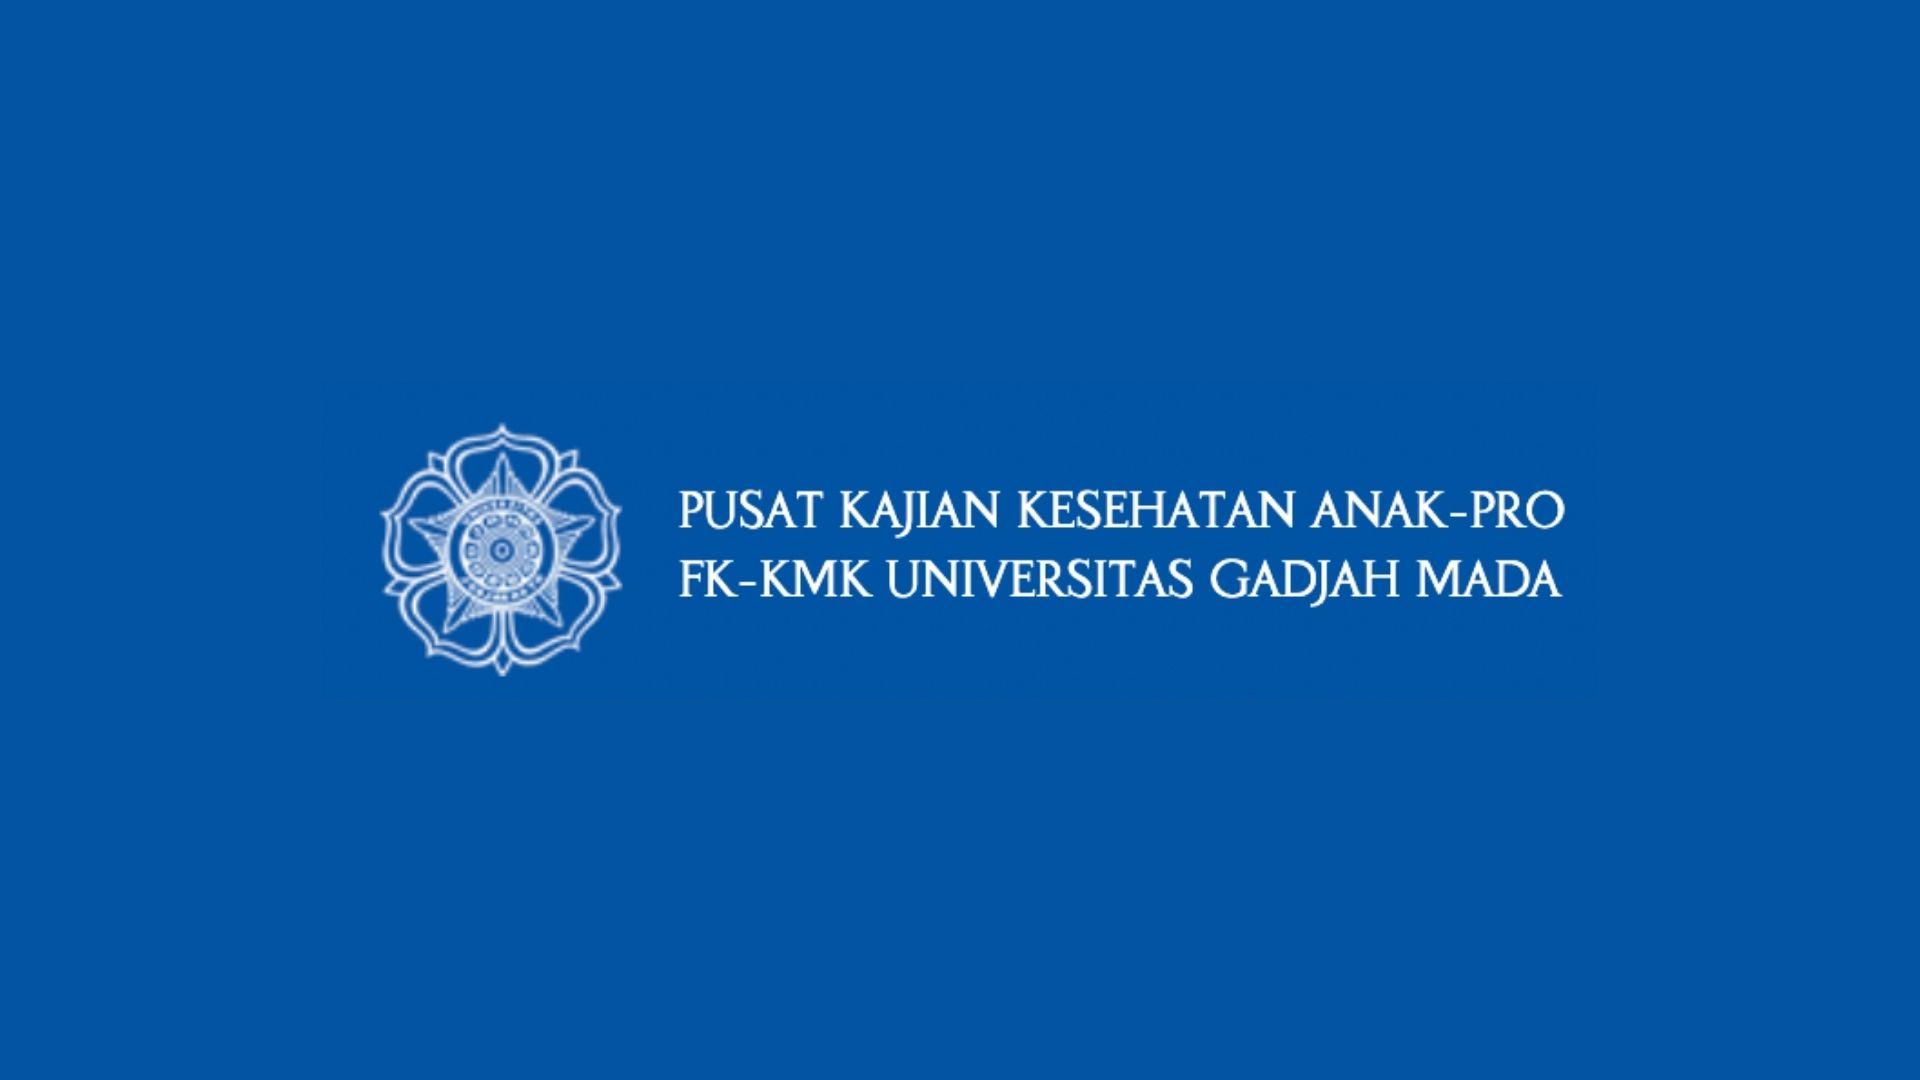 Lowongan Kerja Pusat Kajian Kesehatan Anak (PKKA-PRO) FK KMK UGM